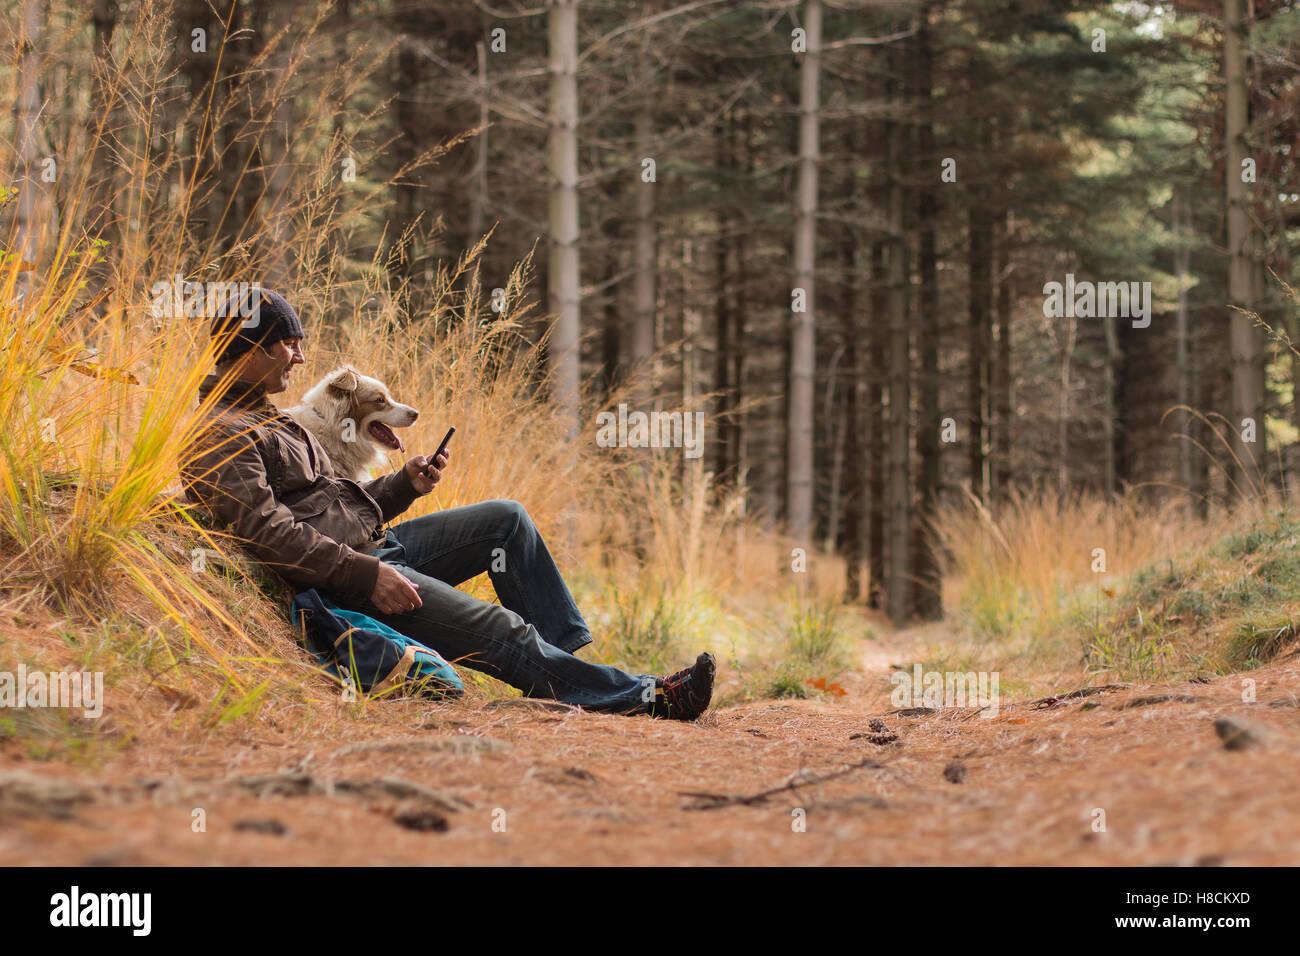 Un uomo e un cane escursioni nei boschi guardando il telefono cani seduti su un sentiero di bosco in autunno Immagini Stock